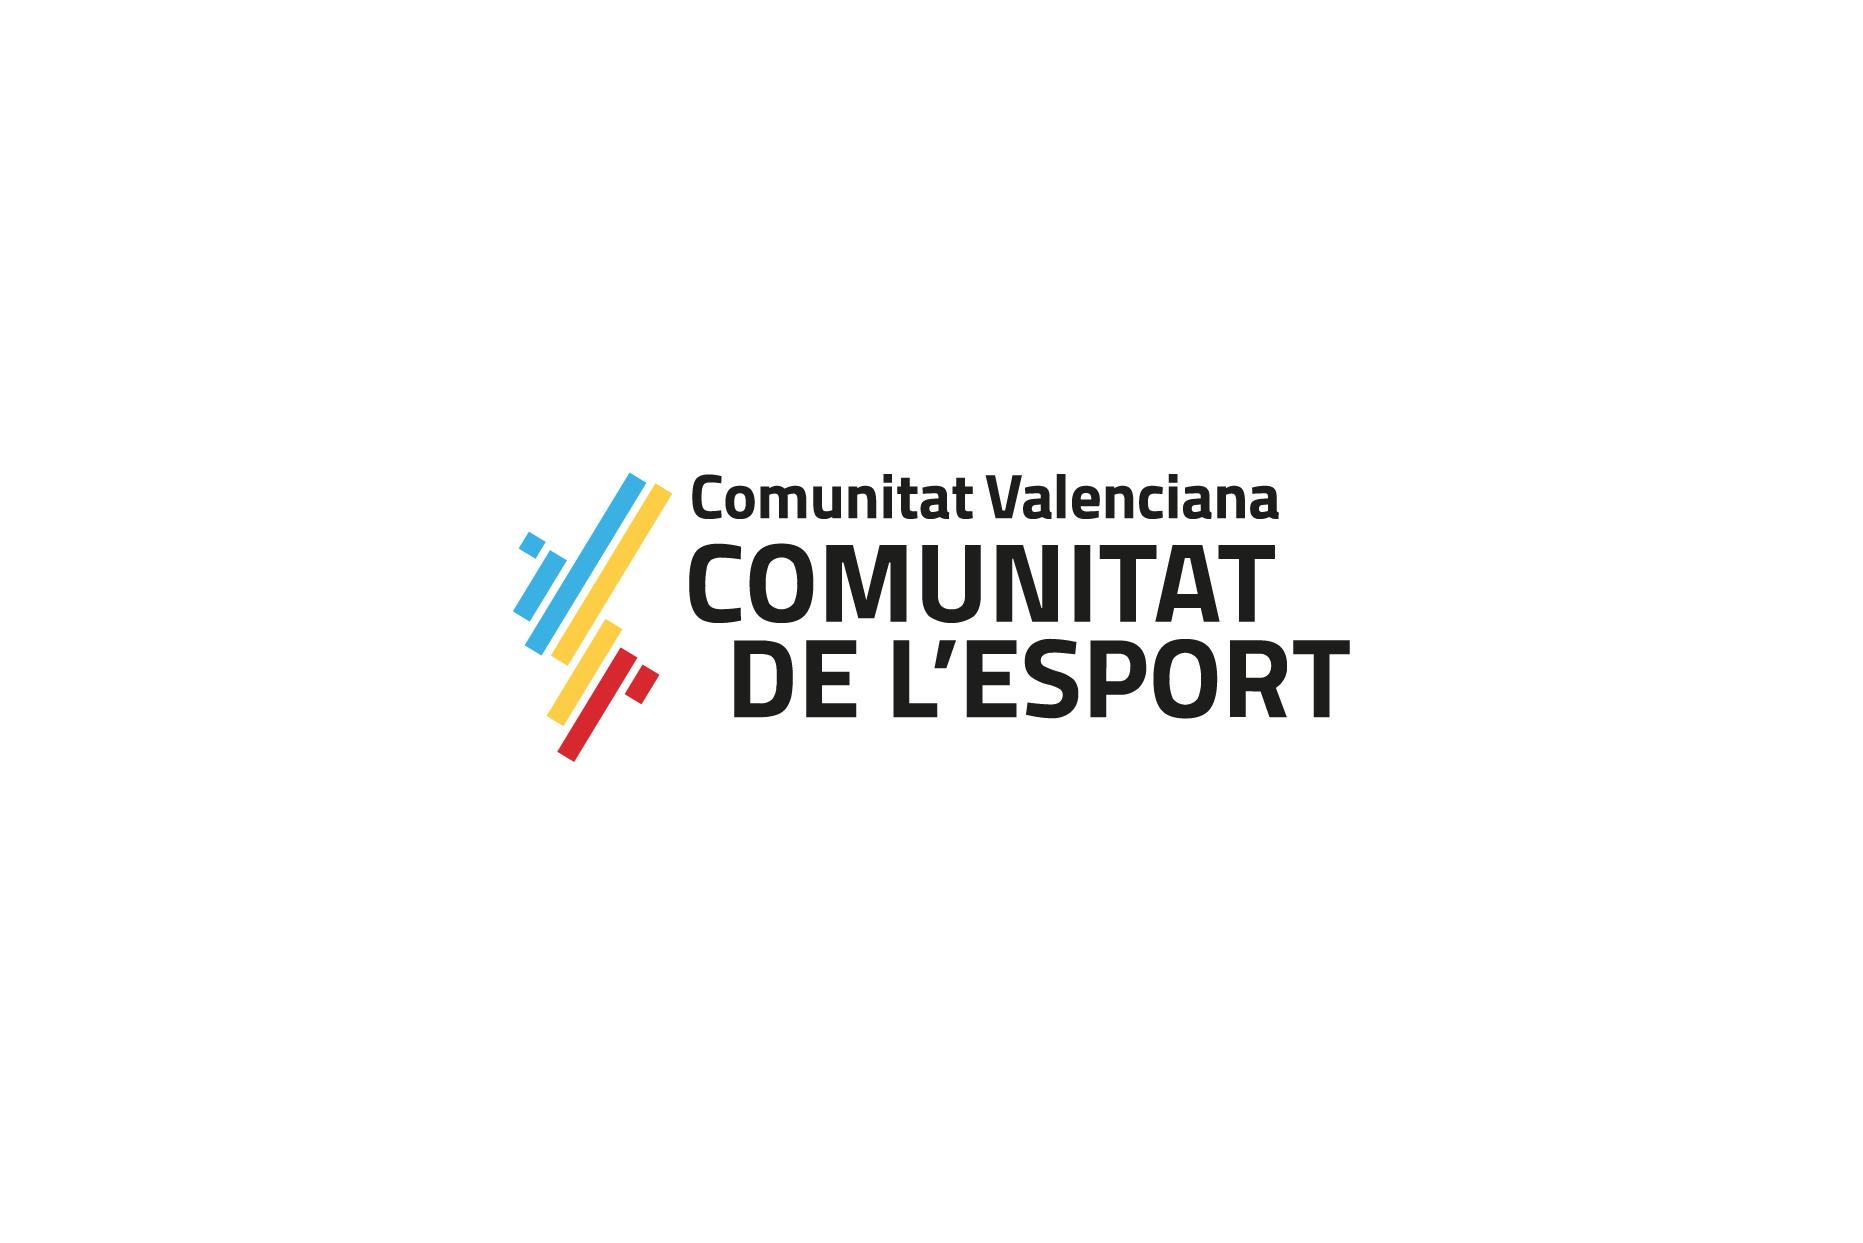 Comunitat de l'Esport